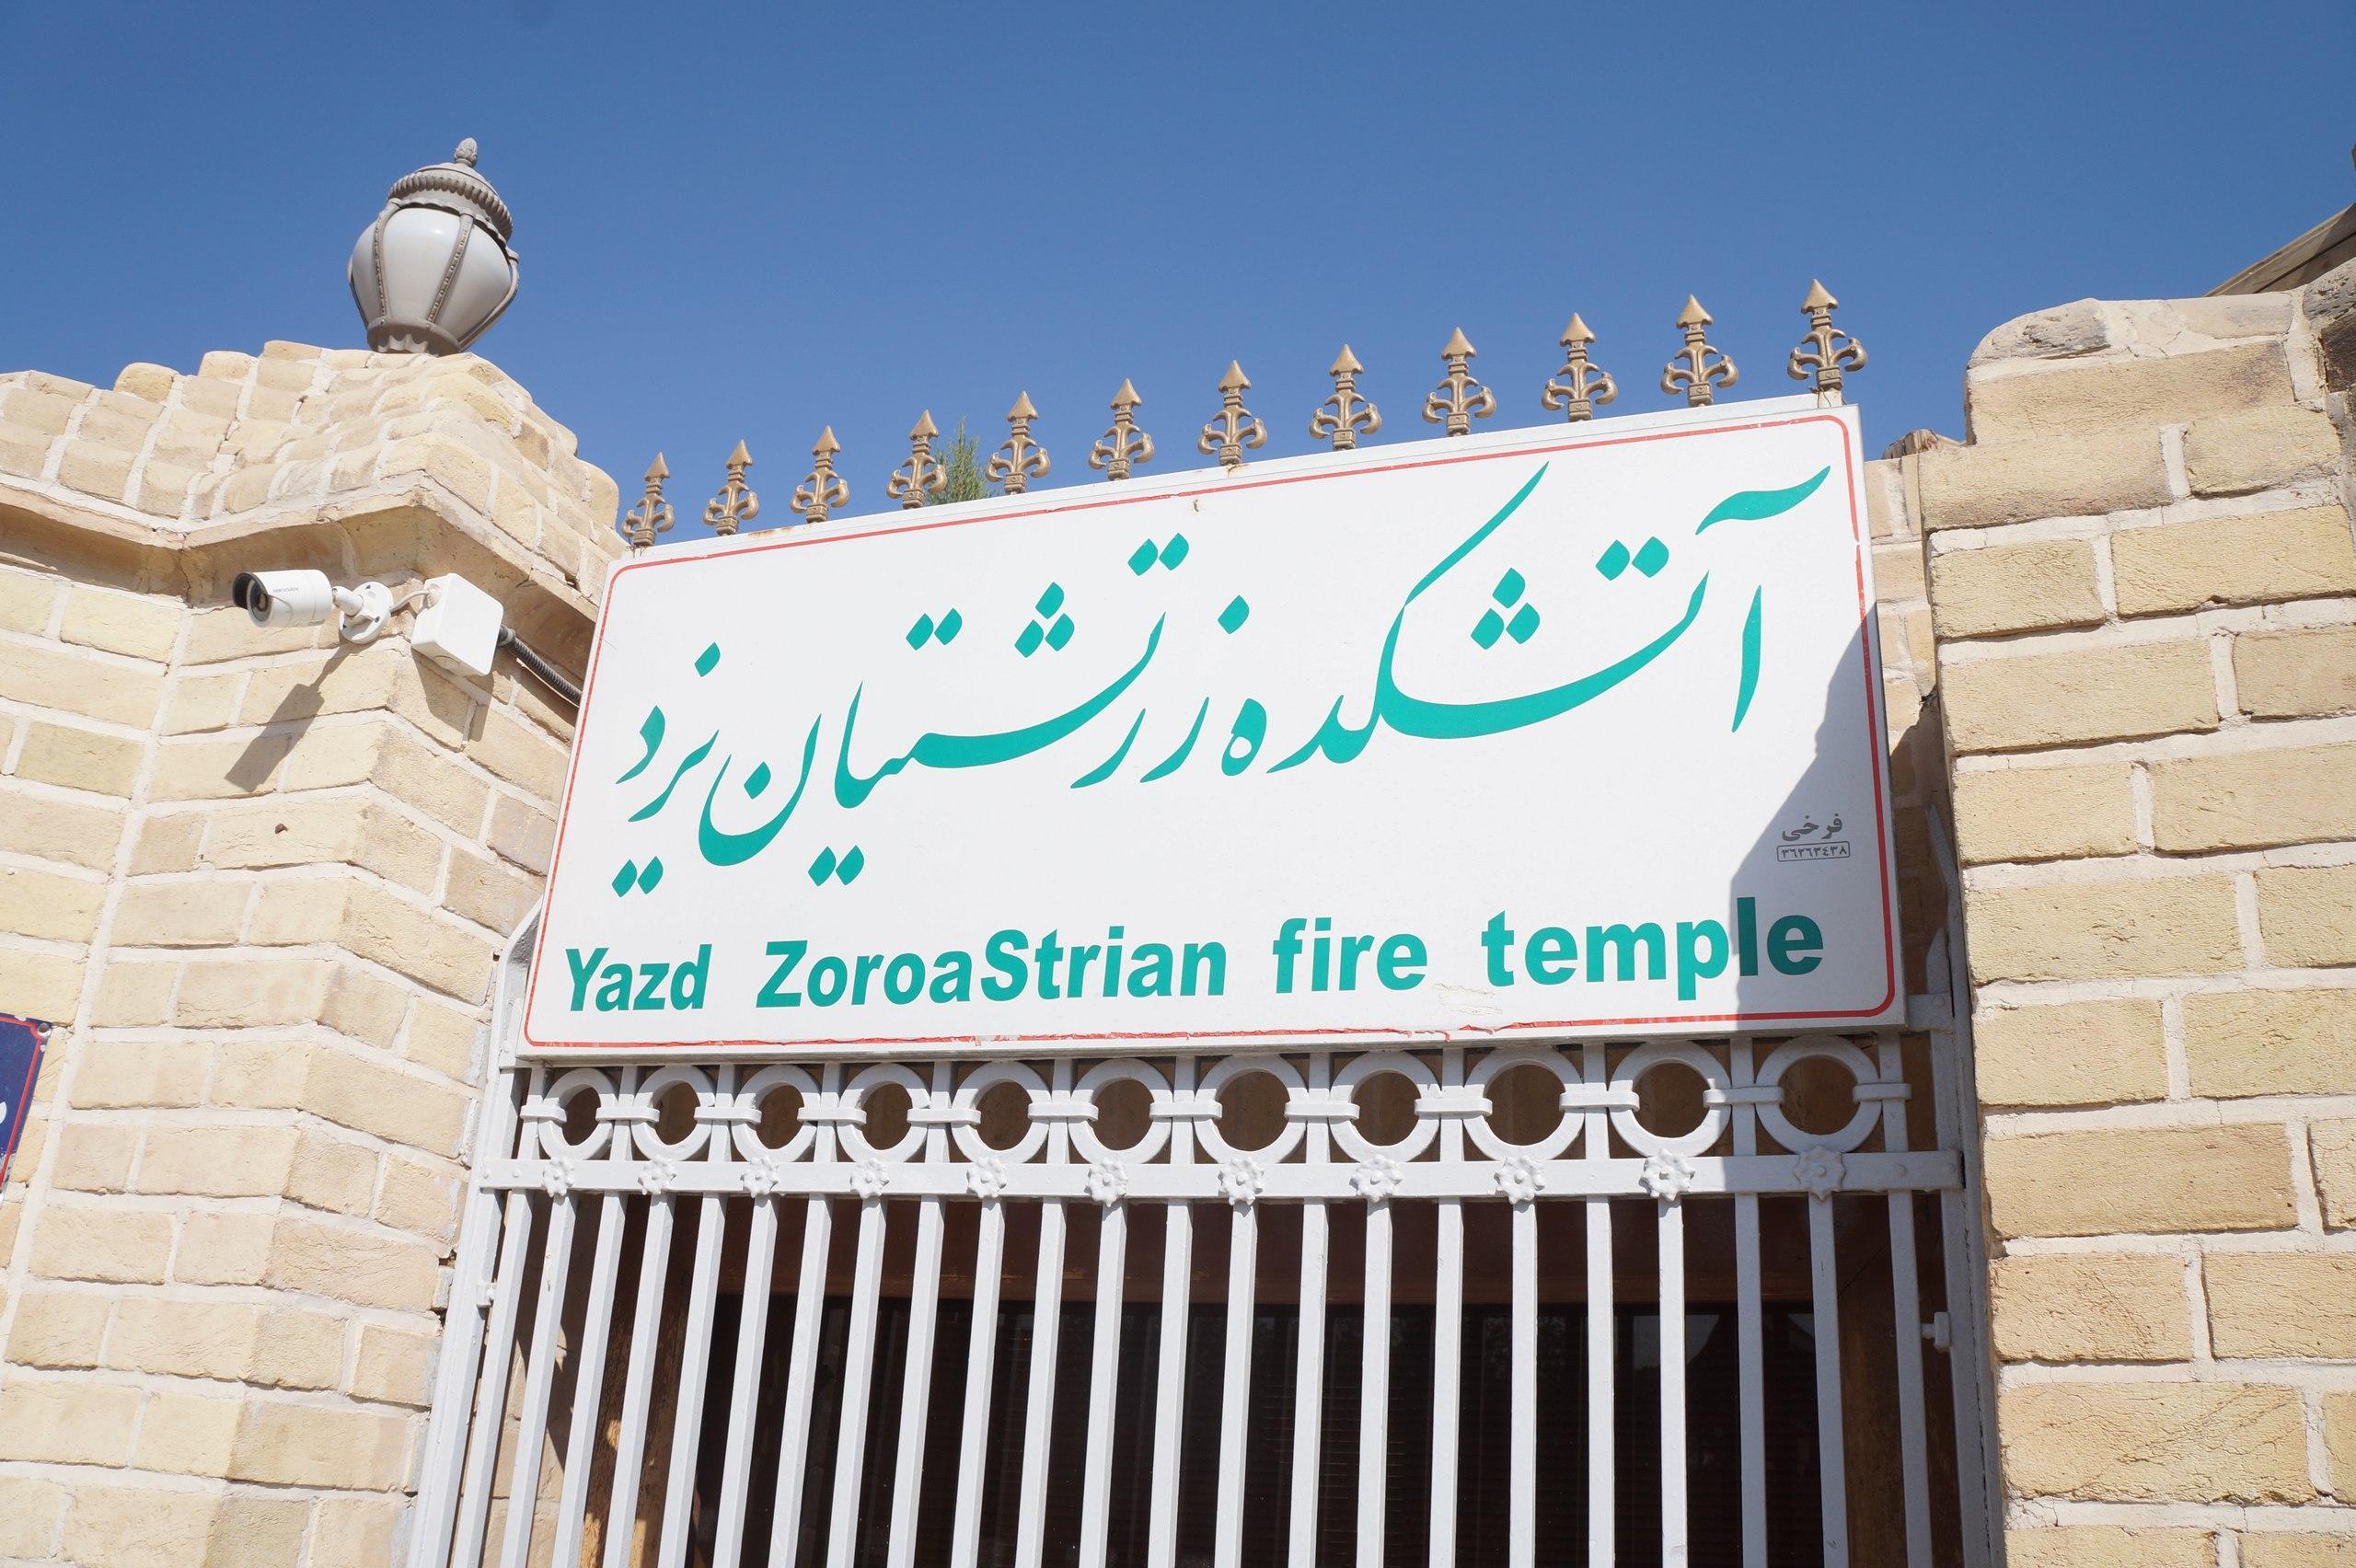 Зороастрийский храм огня в Йезде огонь, зороастризм, этого, вечный, Иране, здание, самых, сейчас, культа, Посути, другое, Рядом, горит, которого, помещении, Ахура, закрытом, залом, Мазды, красивое